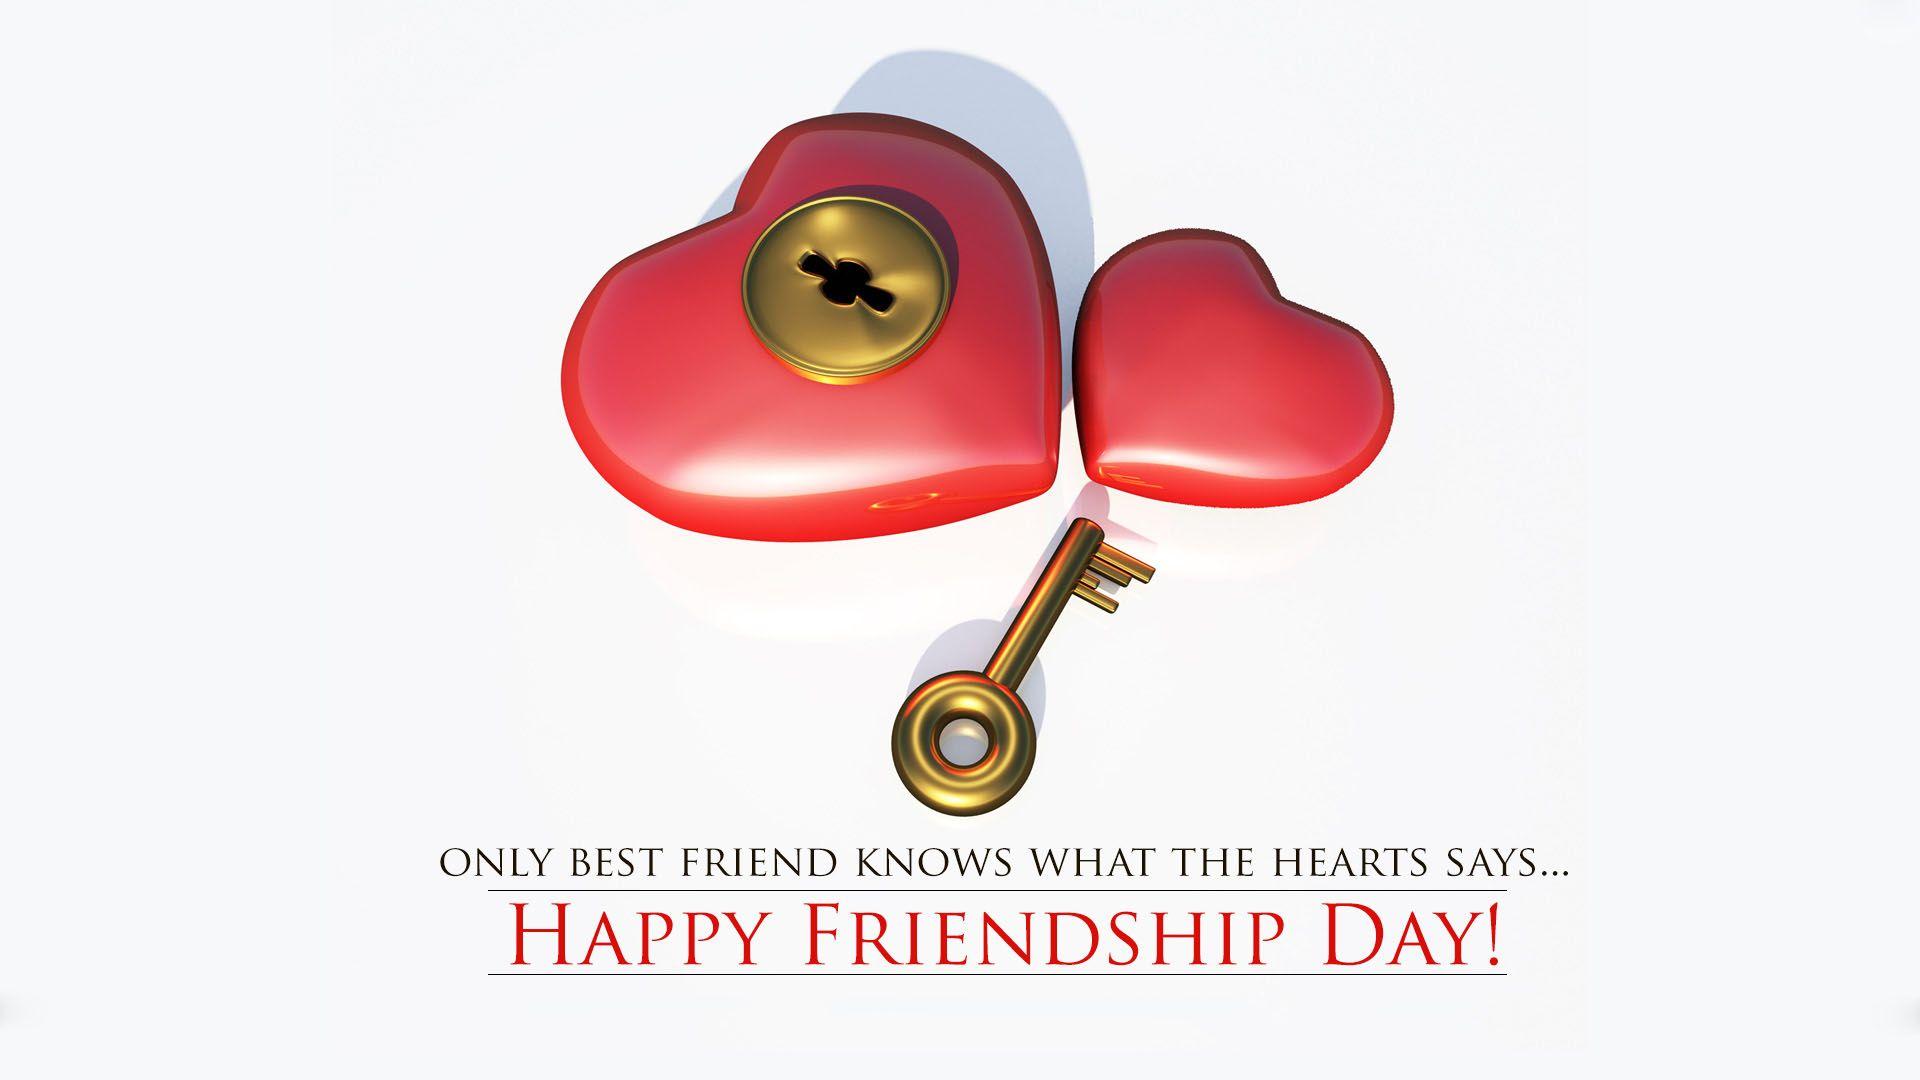 happy friendship day desktop background high resolution